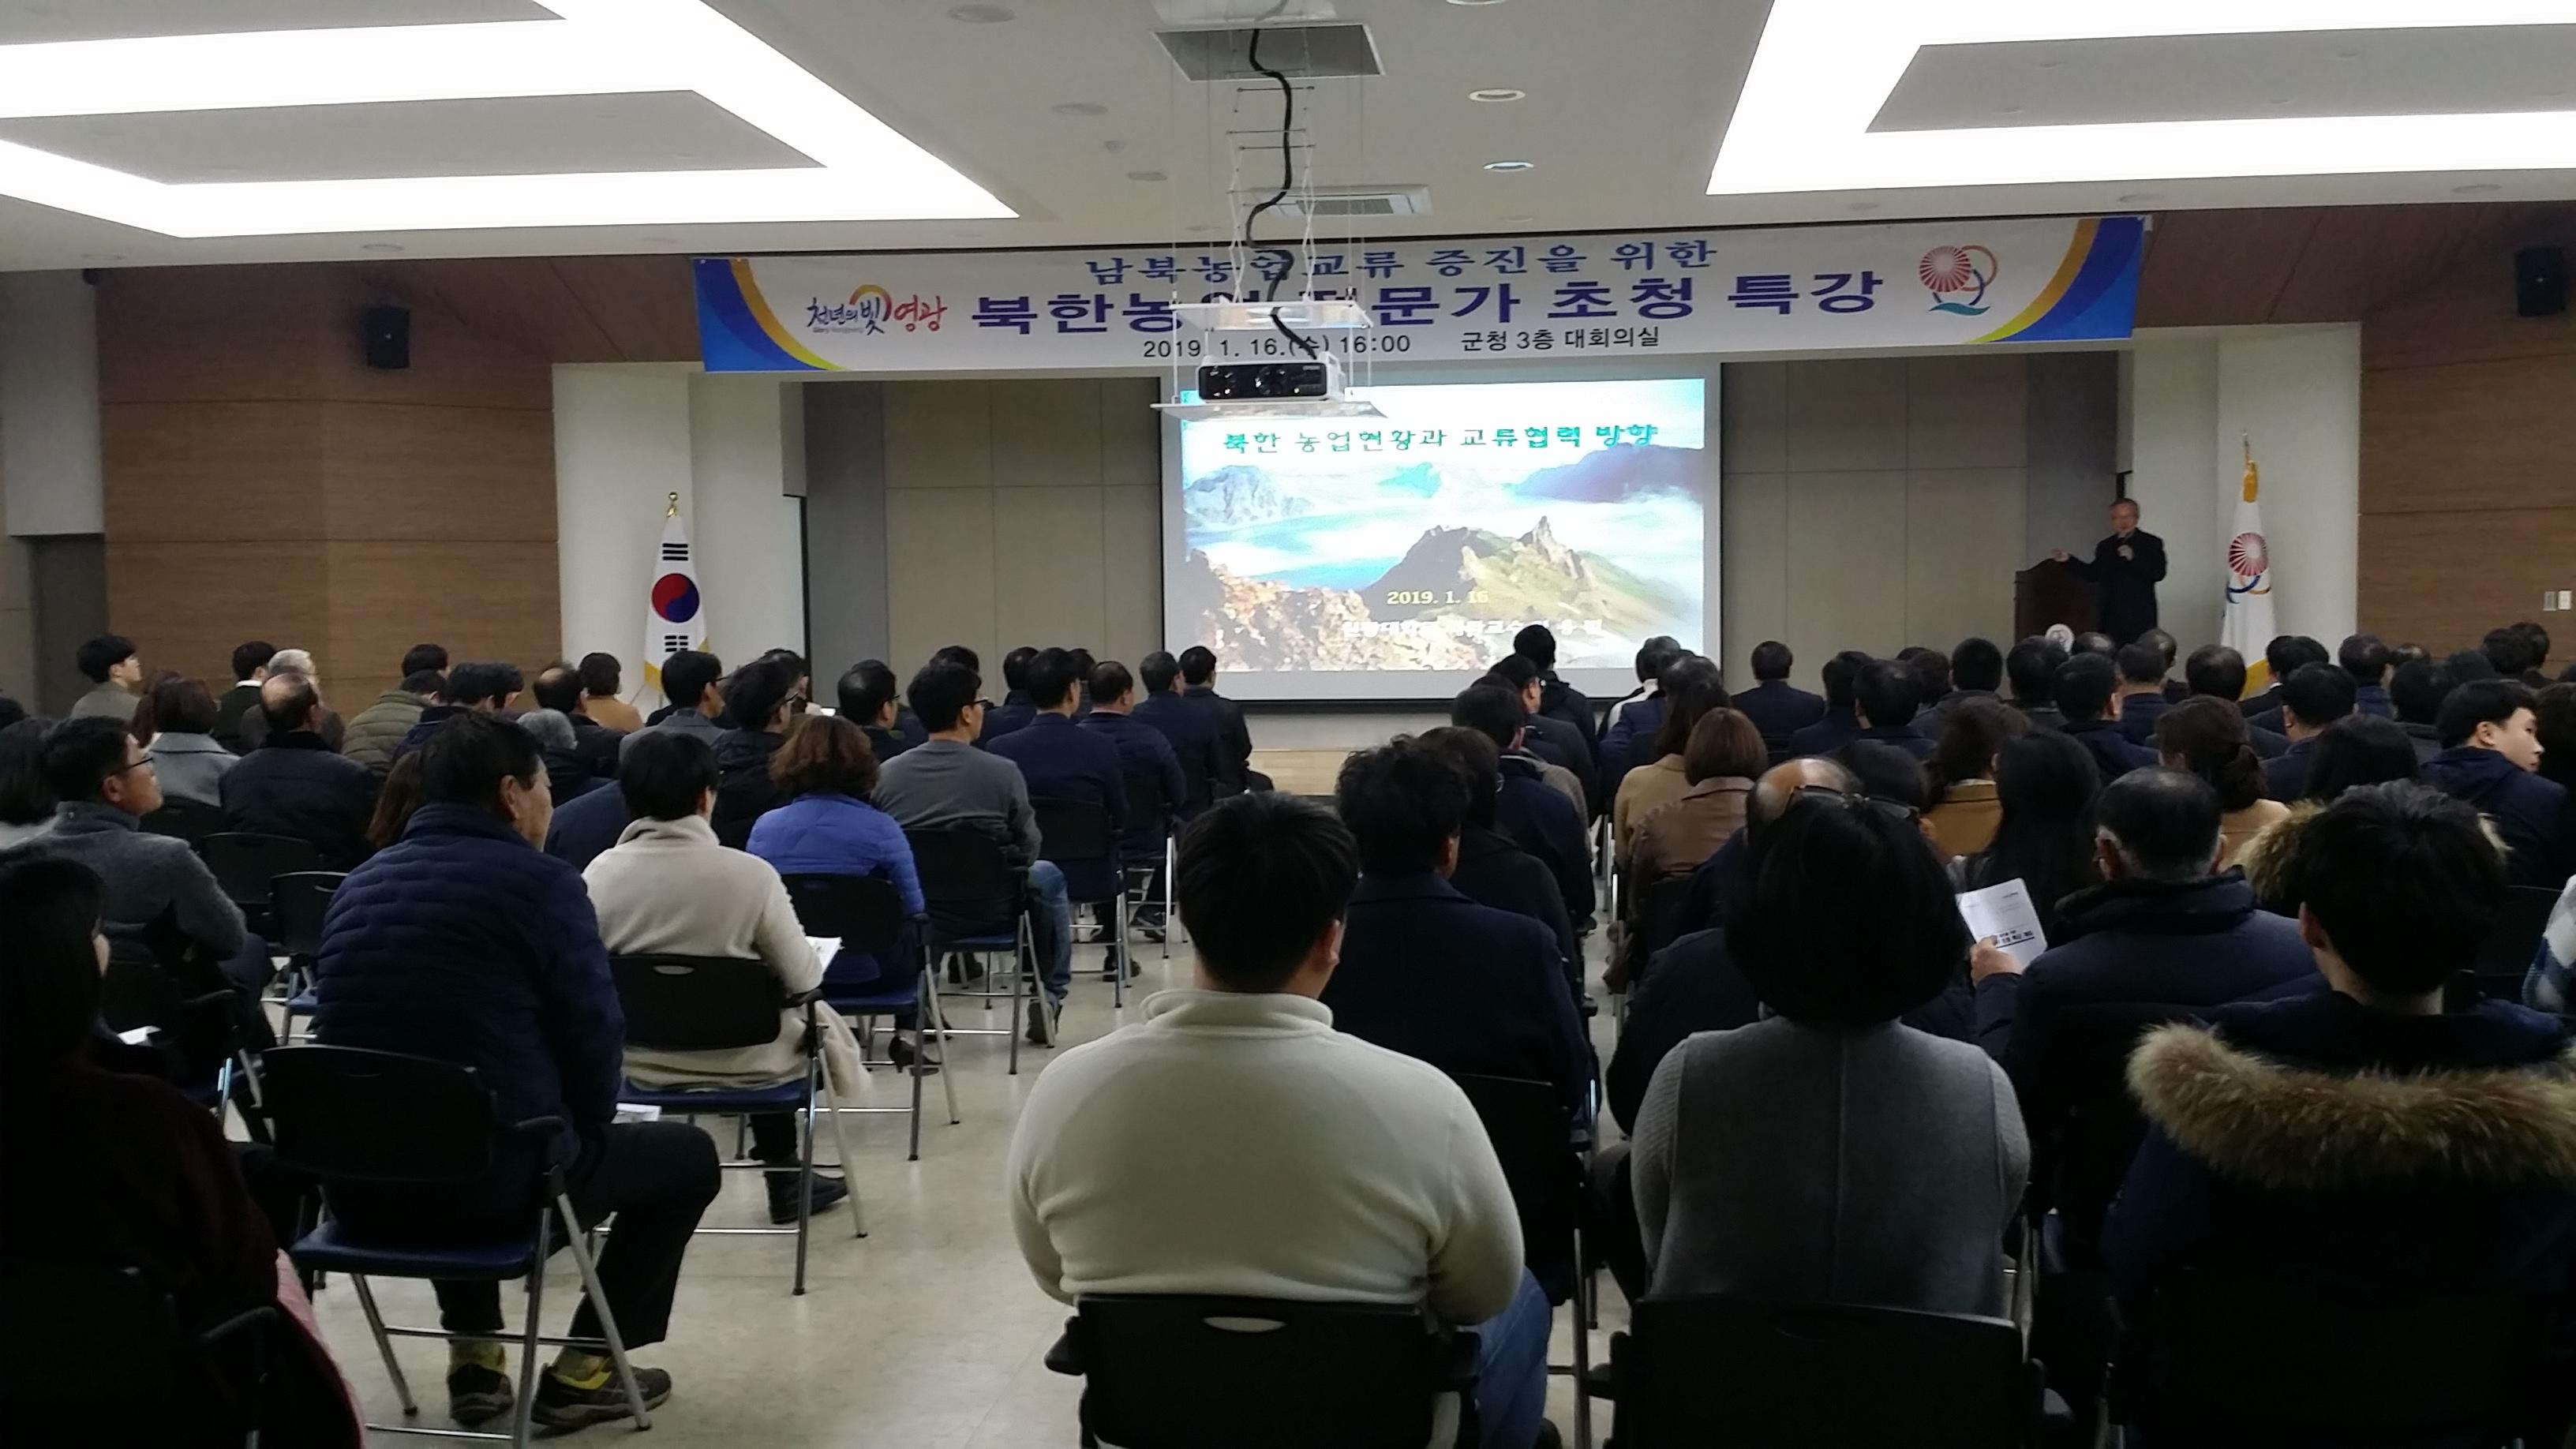 영광군, 남북농업교류 증진을 위한  북한농업 전문가 특별 강연